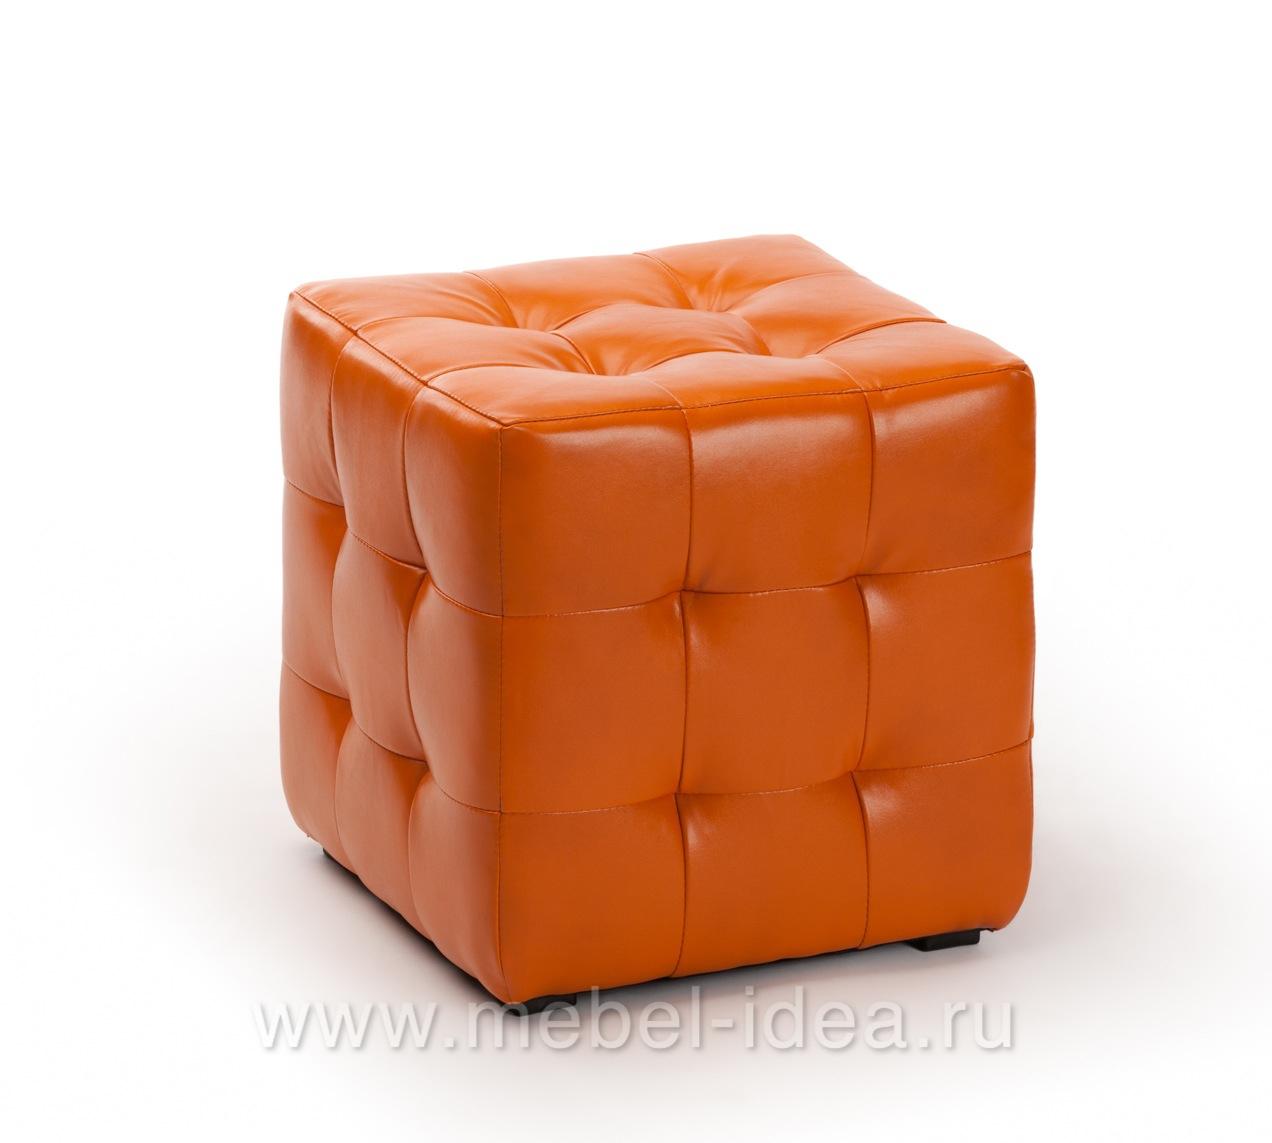 Пуф ПФ-1 оранжевый - 3752